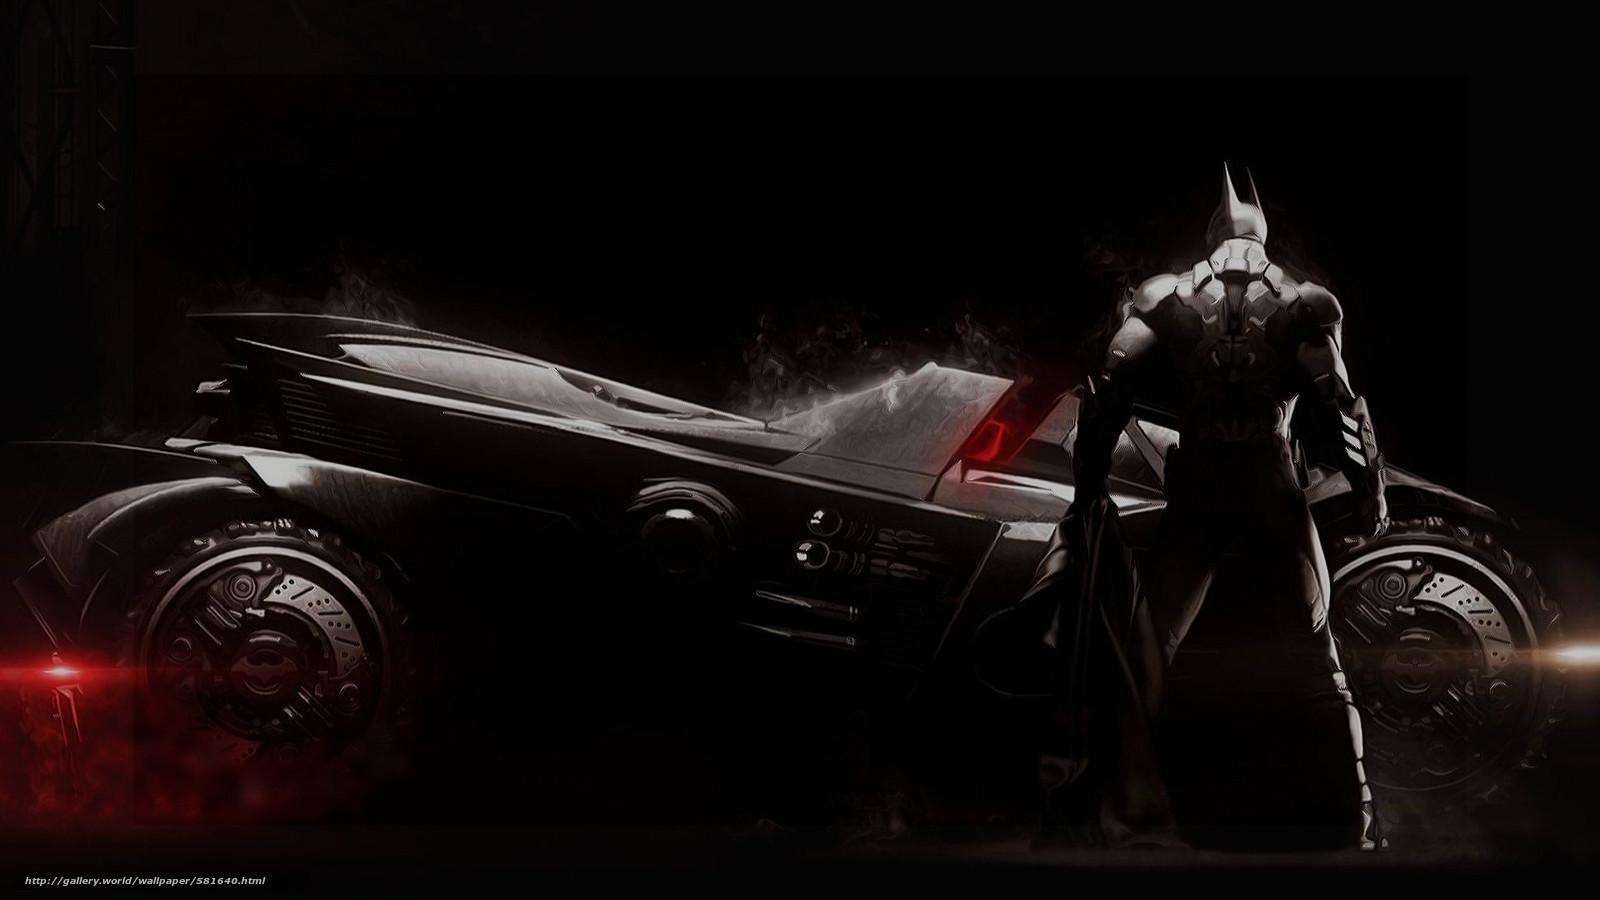 布鲁斯·韦恩, 蝙蝠侠:阿卡姆骑士,